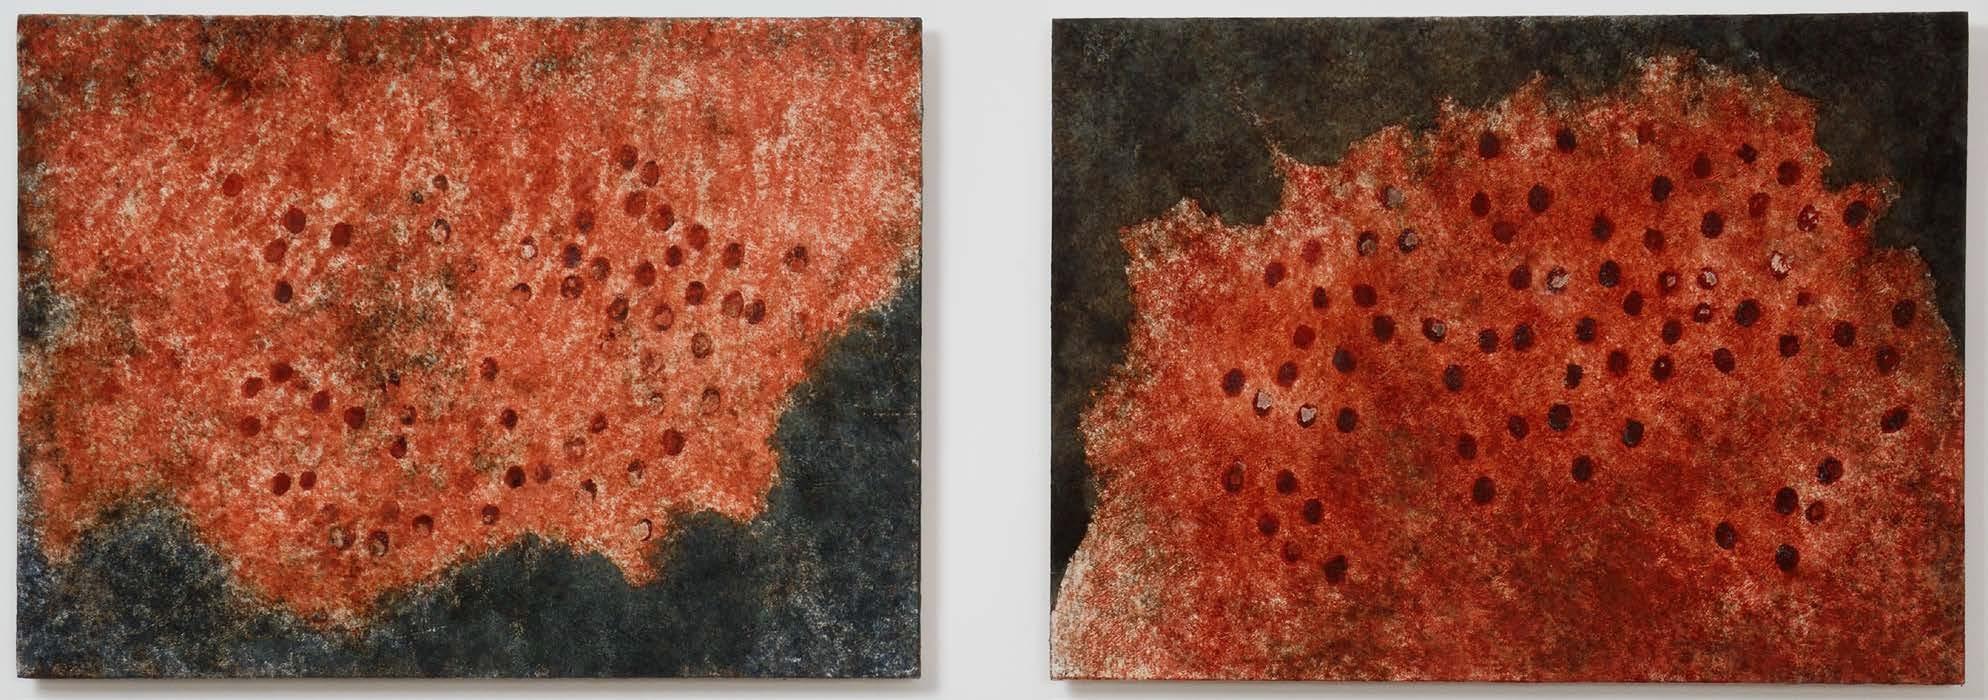 Delfina Camurati, Impronte 2 pezzi 2017